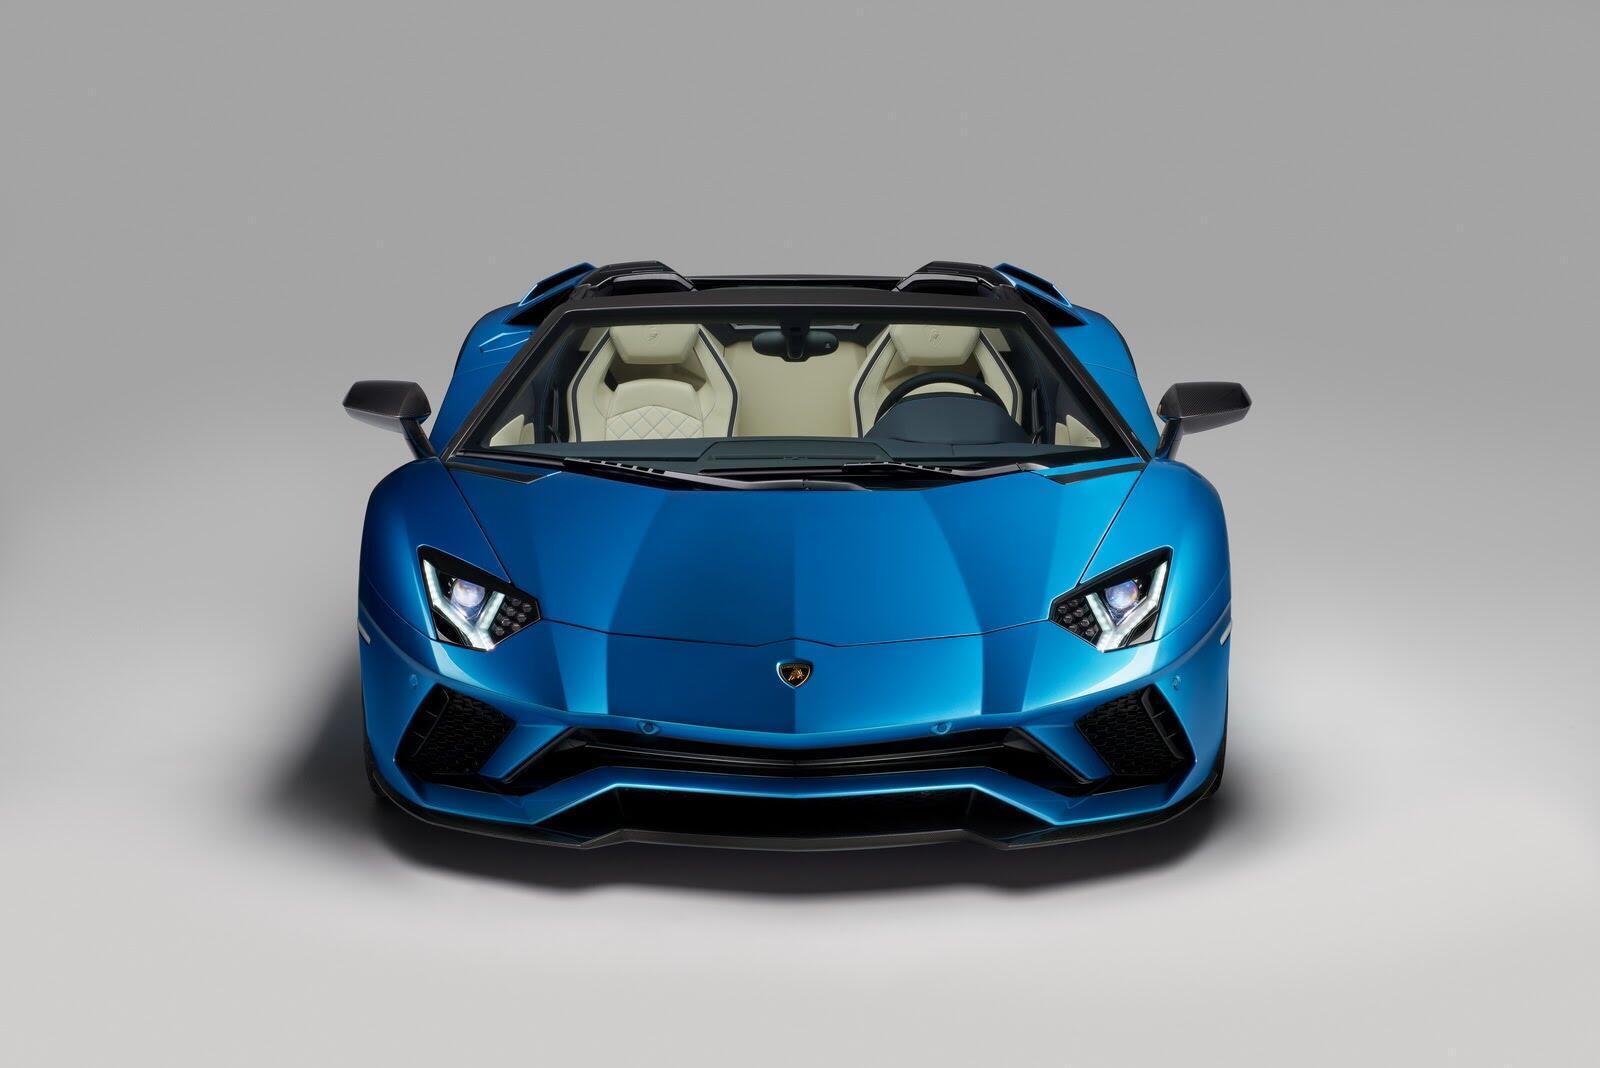 Siêu xe Lamborghini Aventador S Roadster chính thức trình làng - Hình 3